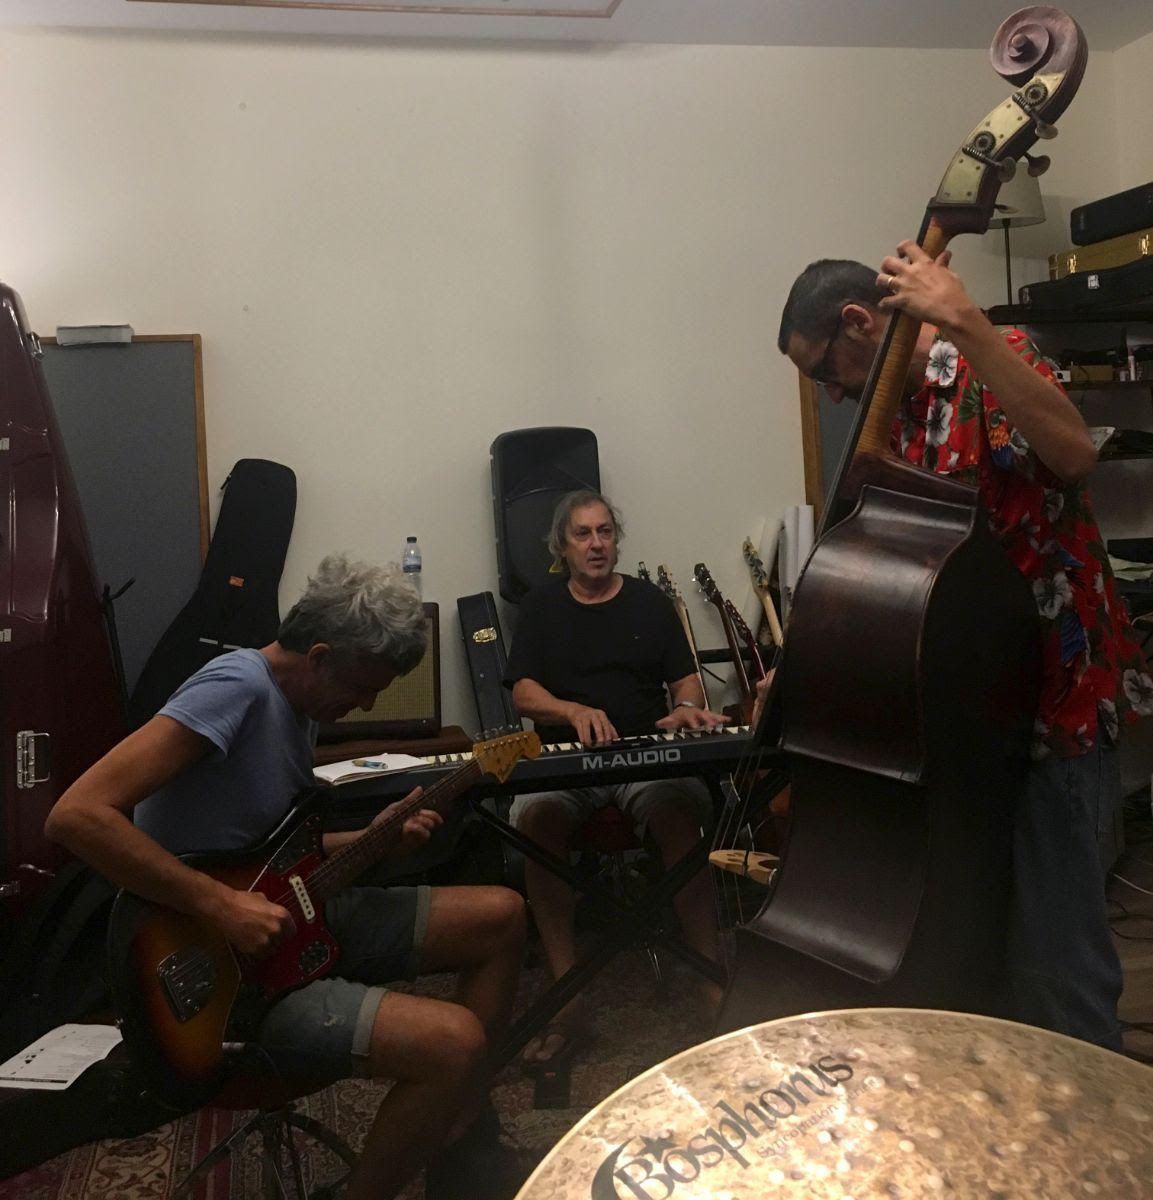 Jorge Palma e Dead Combo a ensaiar um dos dois temas que apresentarão em conjunto, a dia 10 de Agosto, no Douro Rock